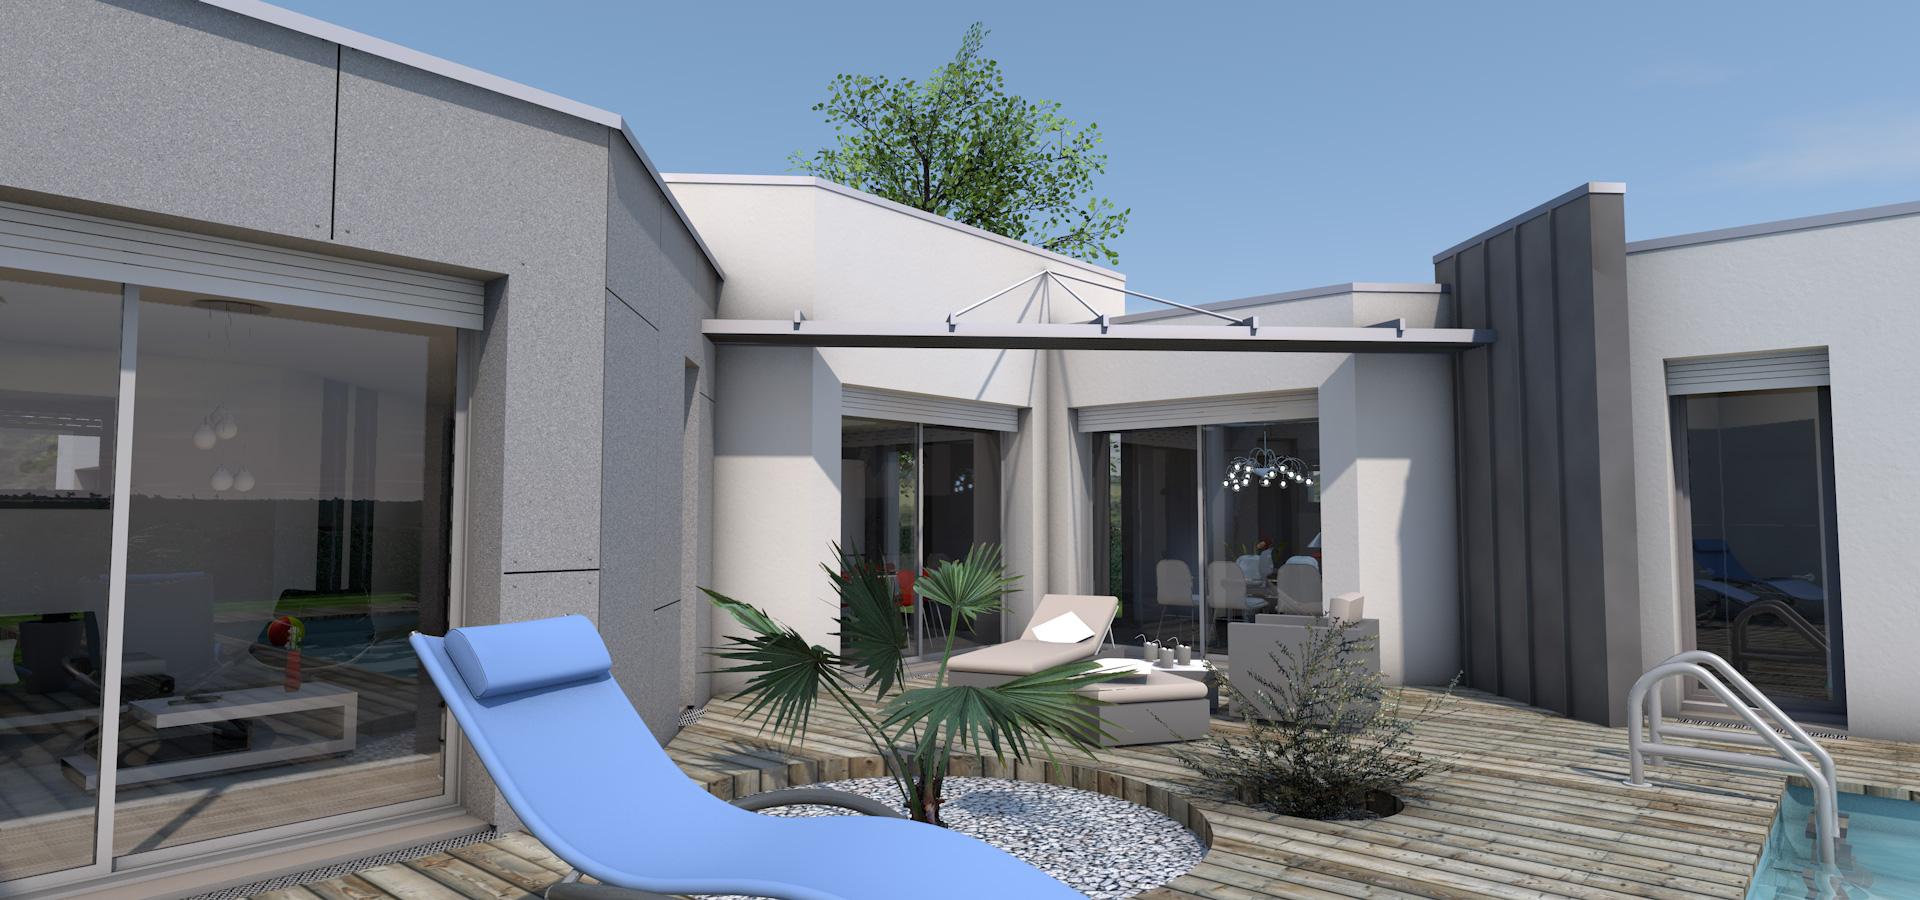 Résidence luxe moderne habitat dexception